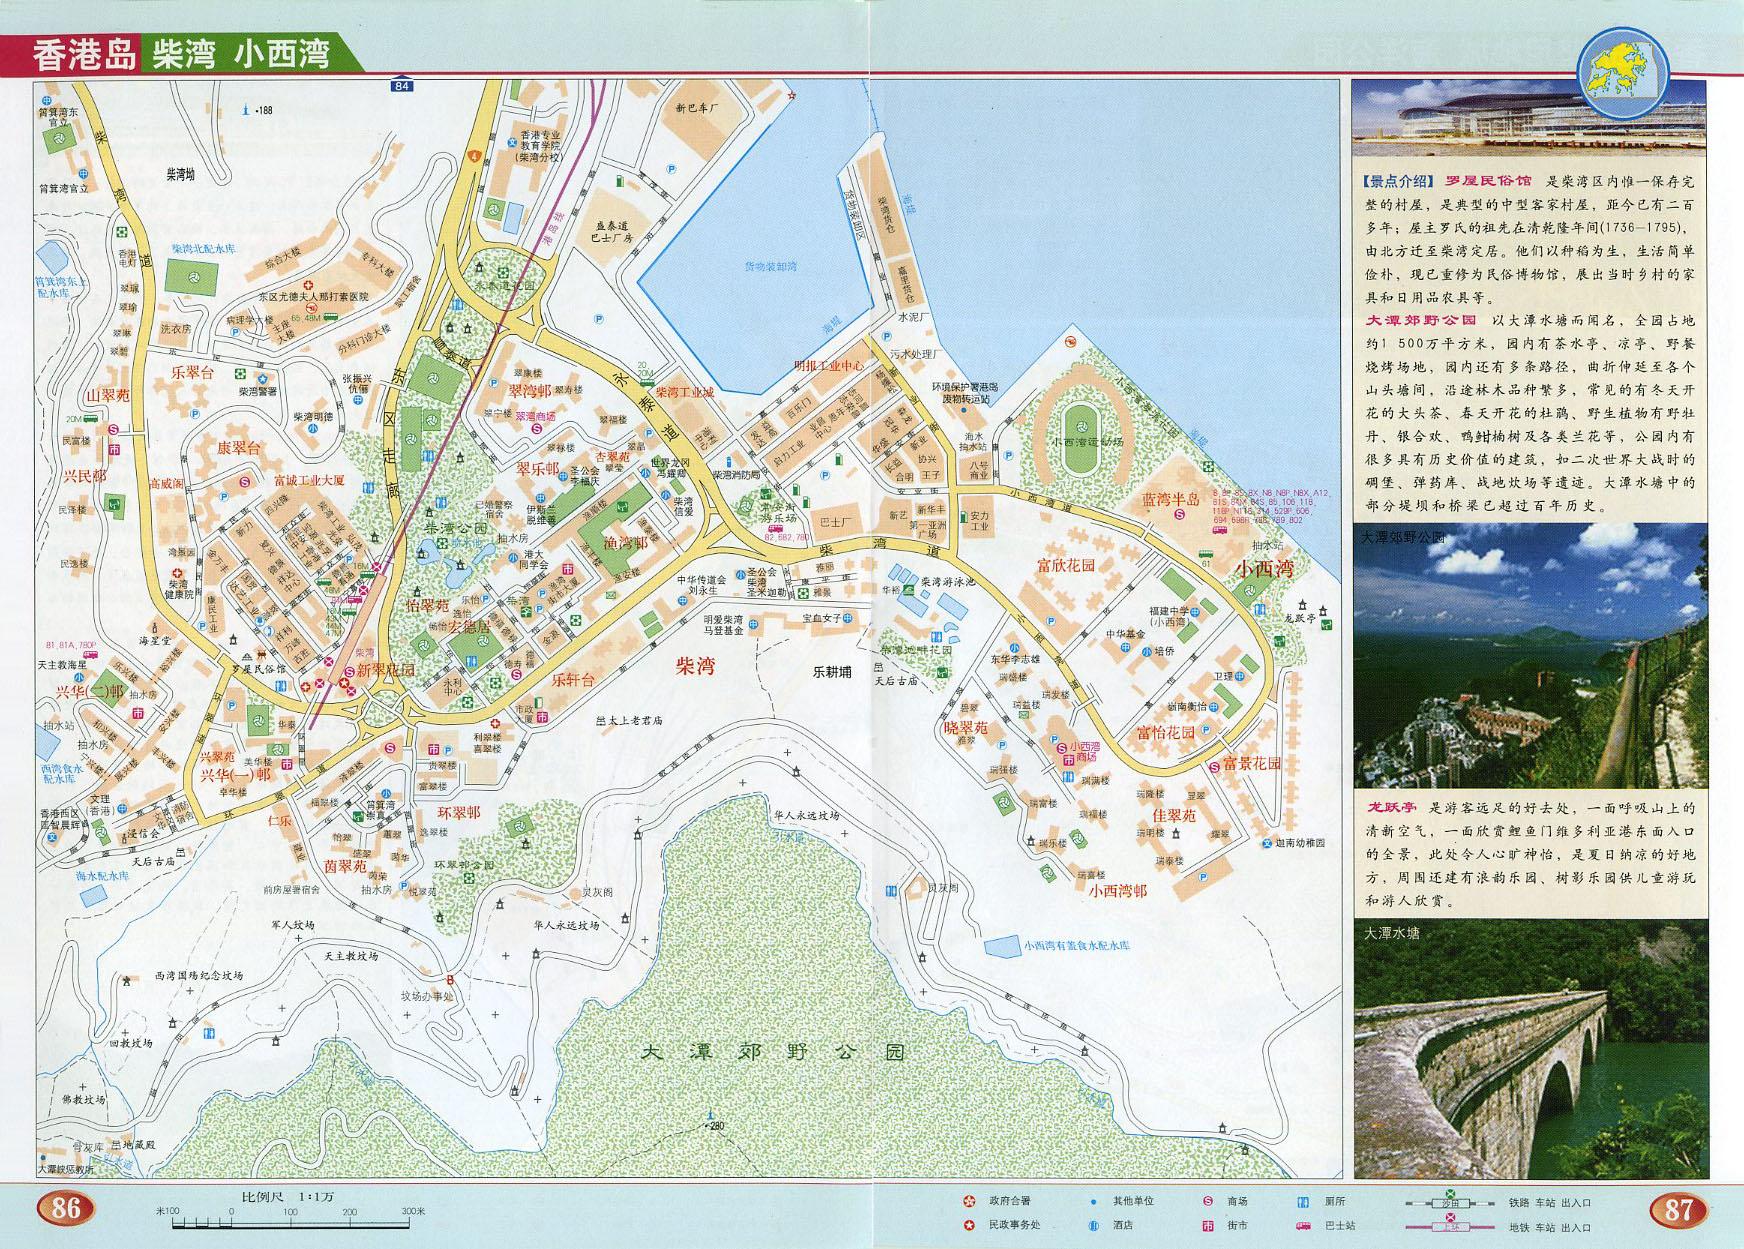 香港岛 柴湾地图高清版